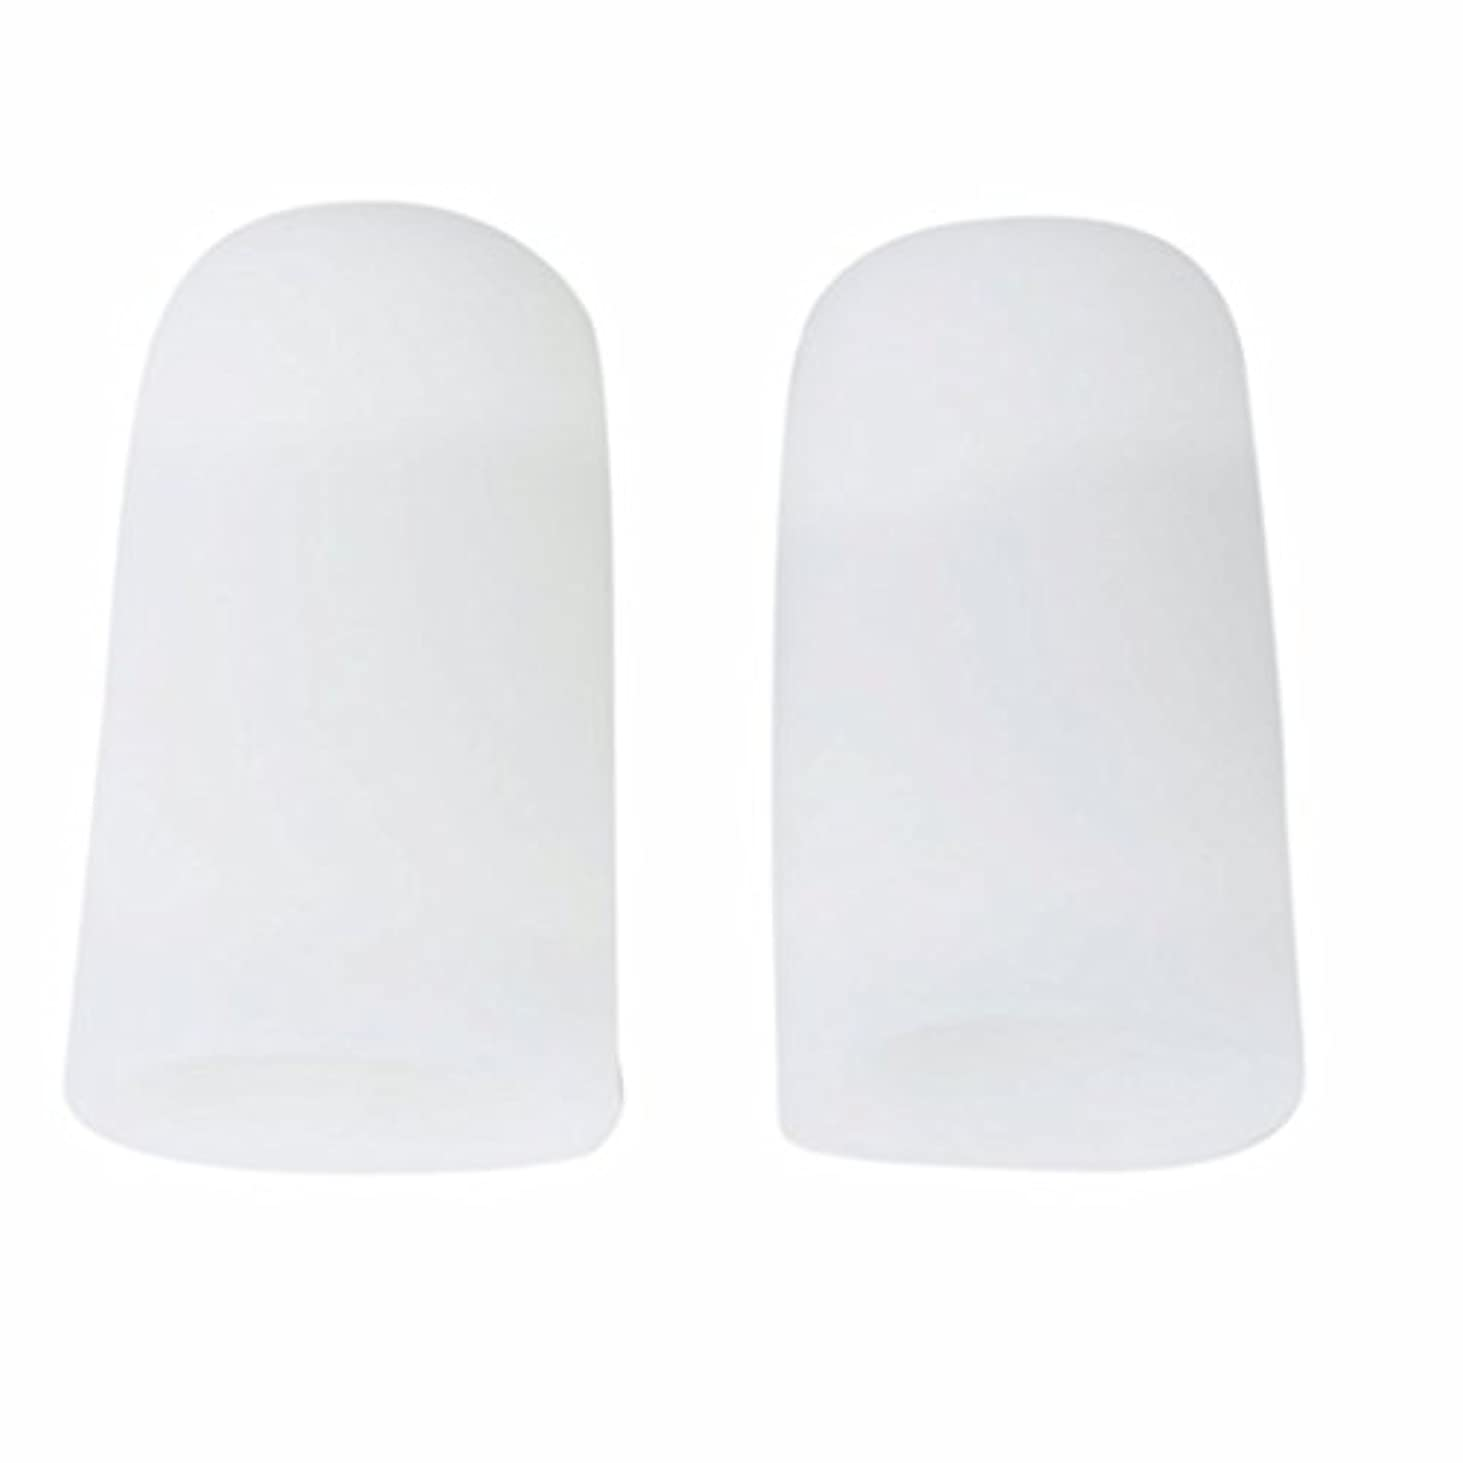 ウナギバングラデシュヒューズAMAA 足指 保護キャップ つま先 プロテクター 足先のつめ 保護キャップ シリコン S M Lサイズ 1ペア (M)